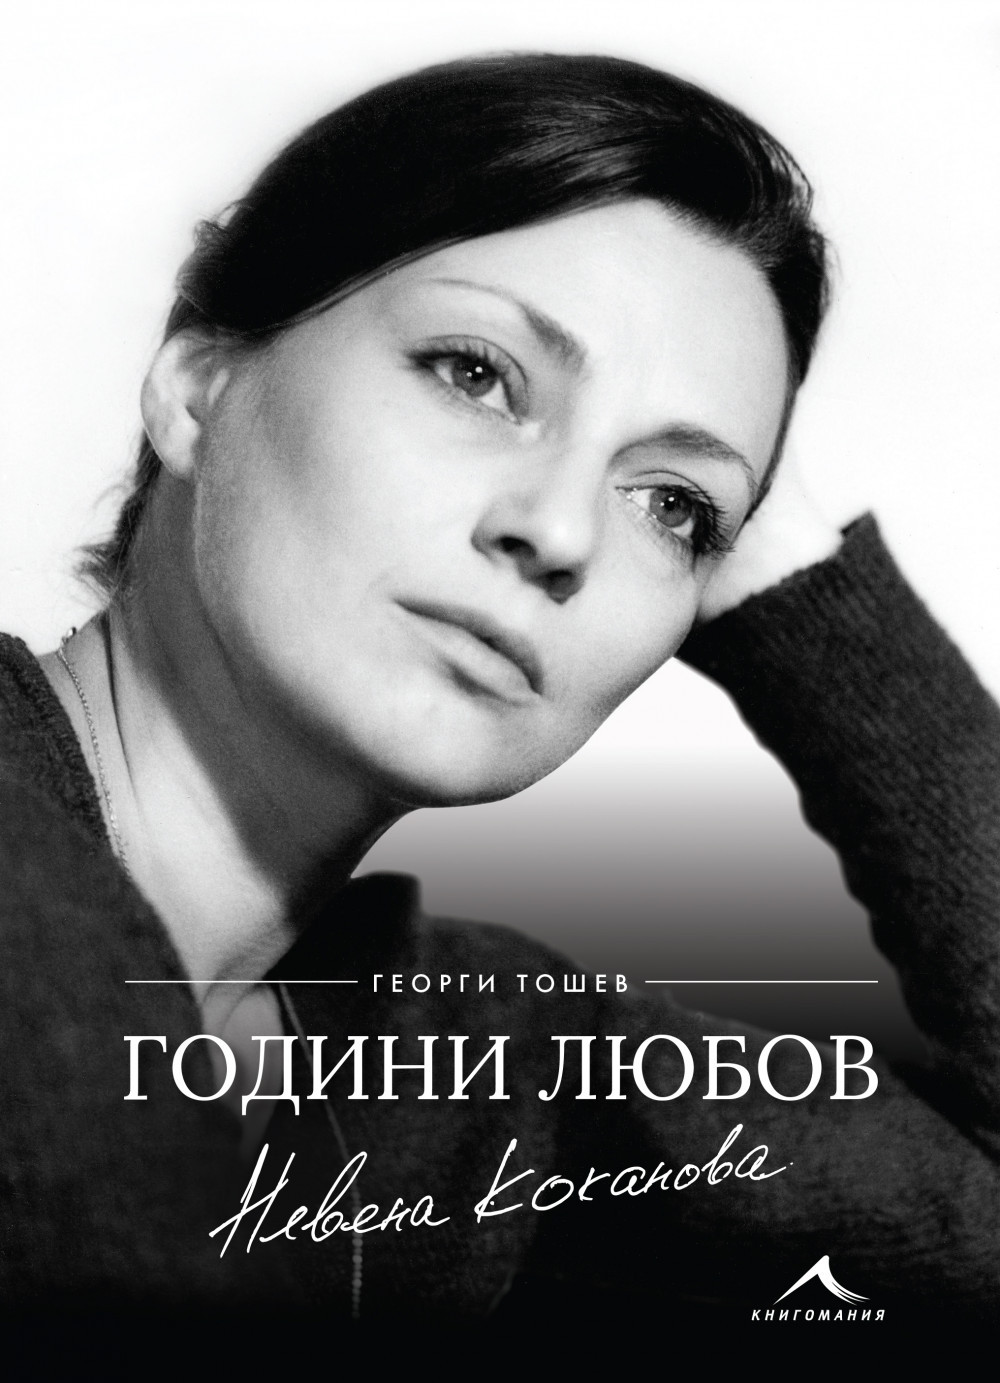 """Премиера на книгата за Невена Коканова """"Години любов"""" във Враца"""